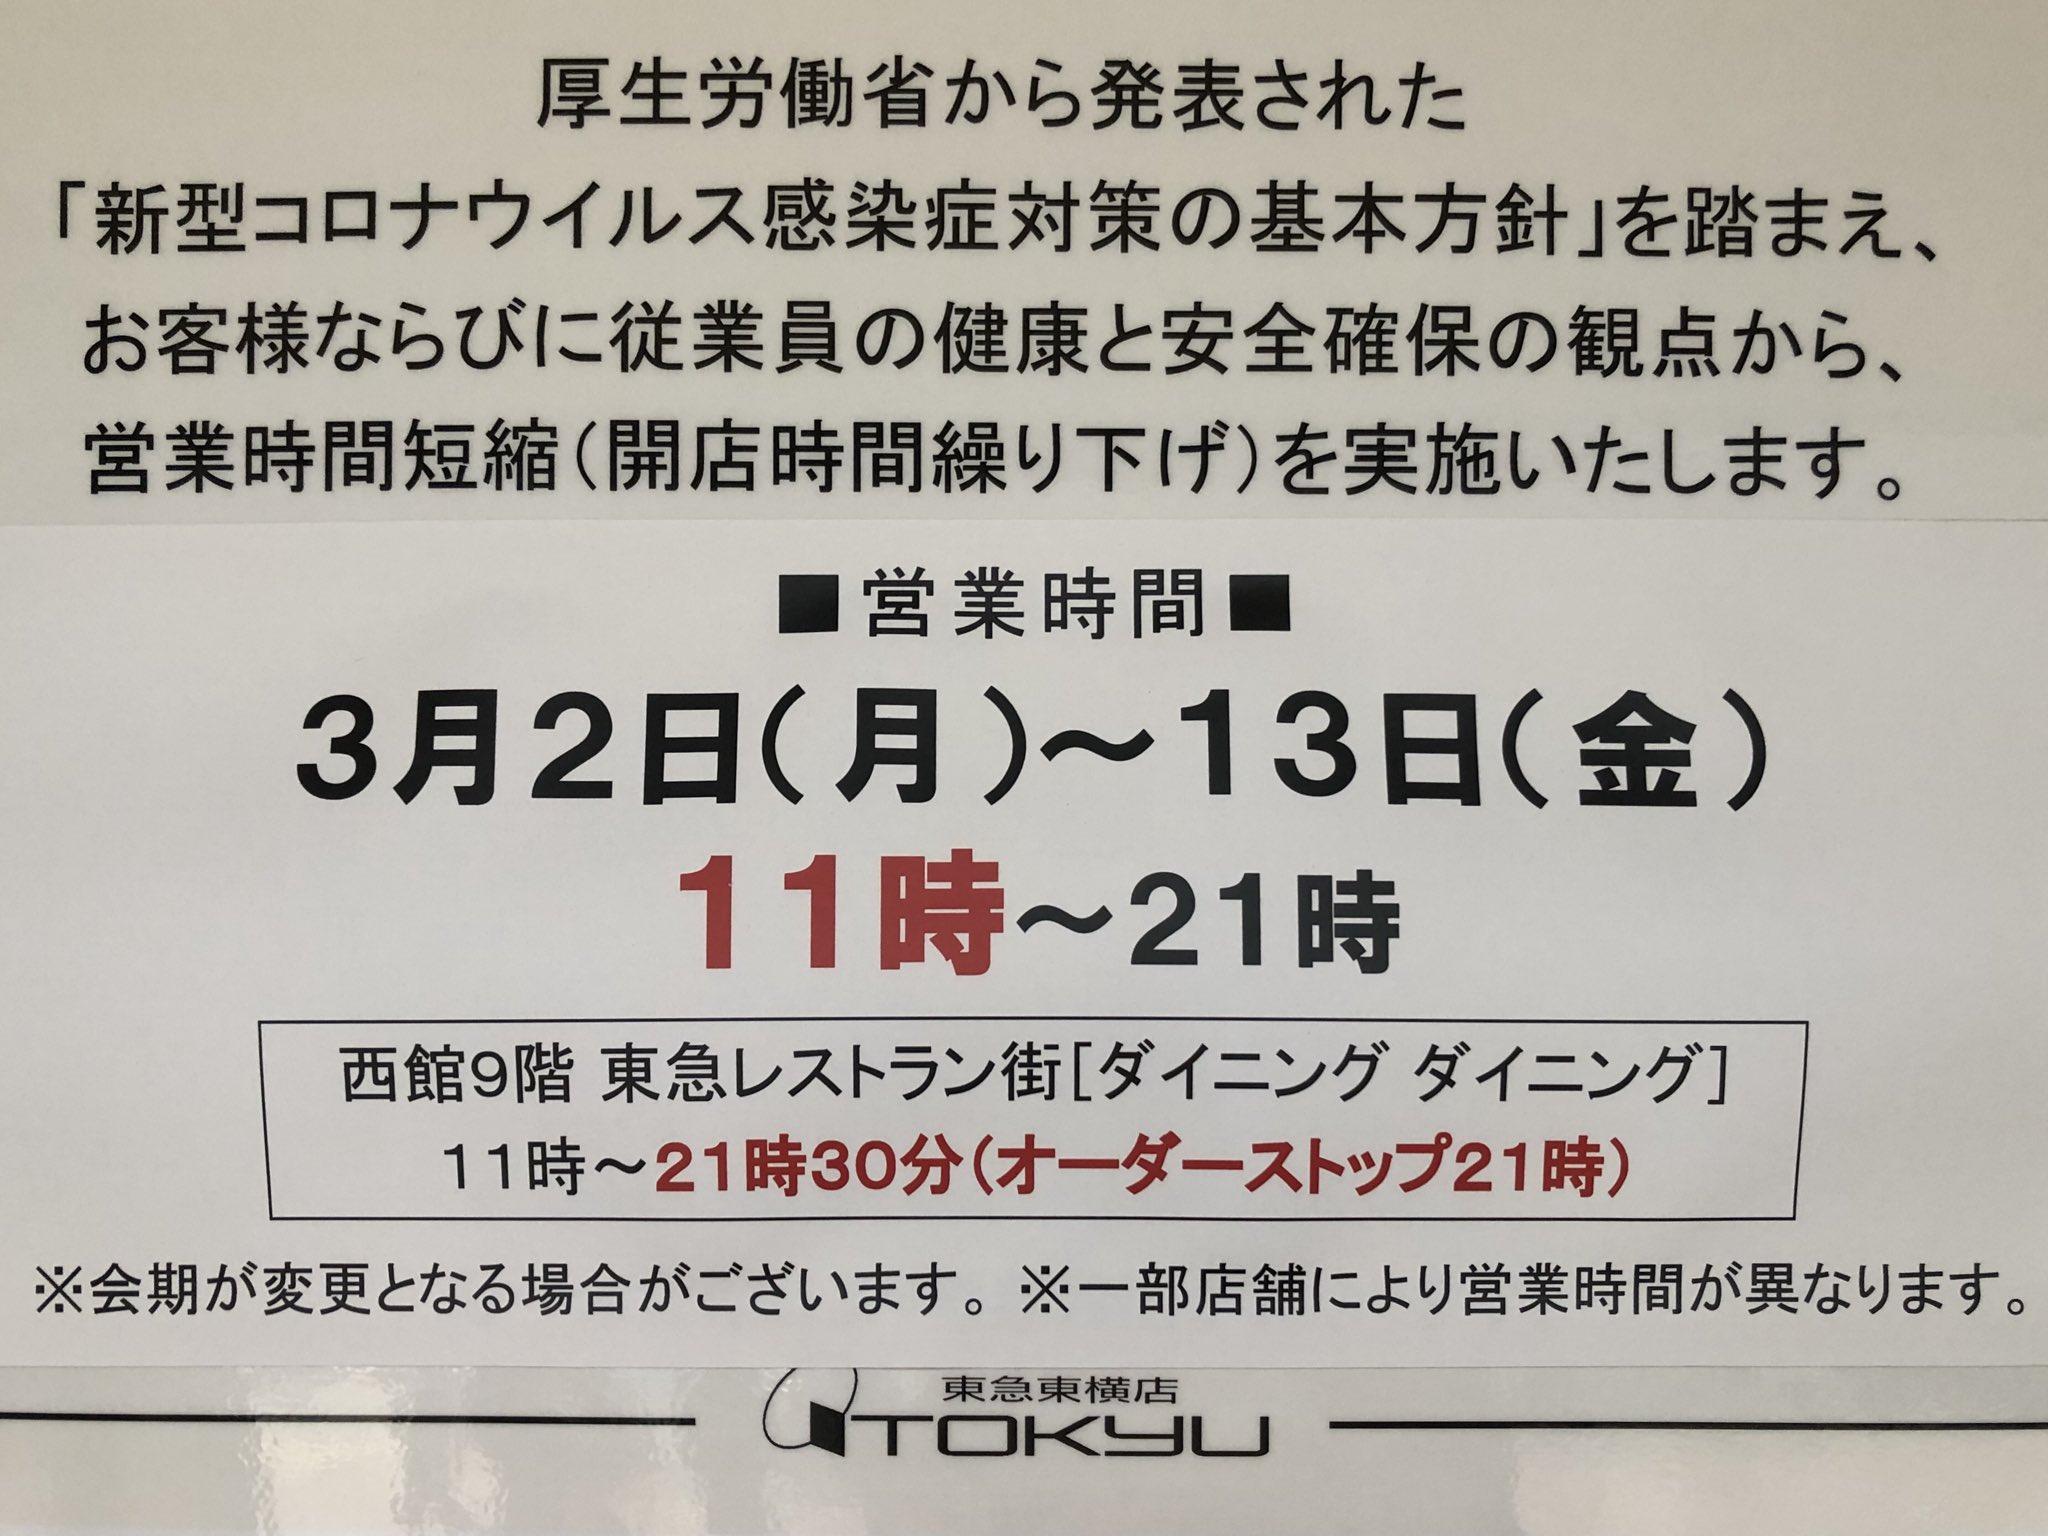 東横 店 時間 東急 営業